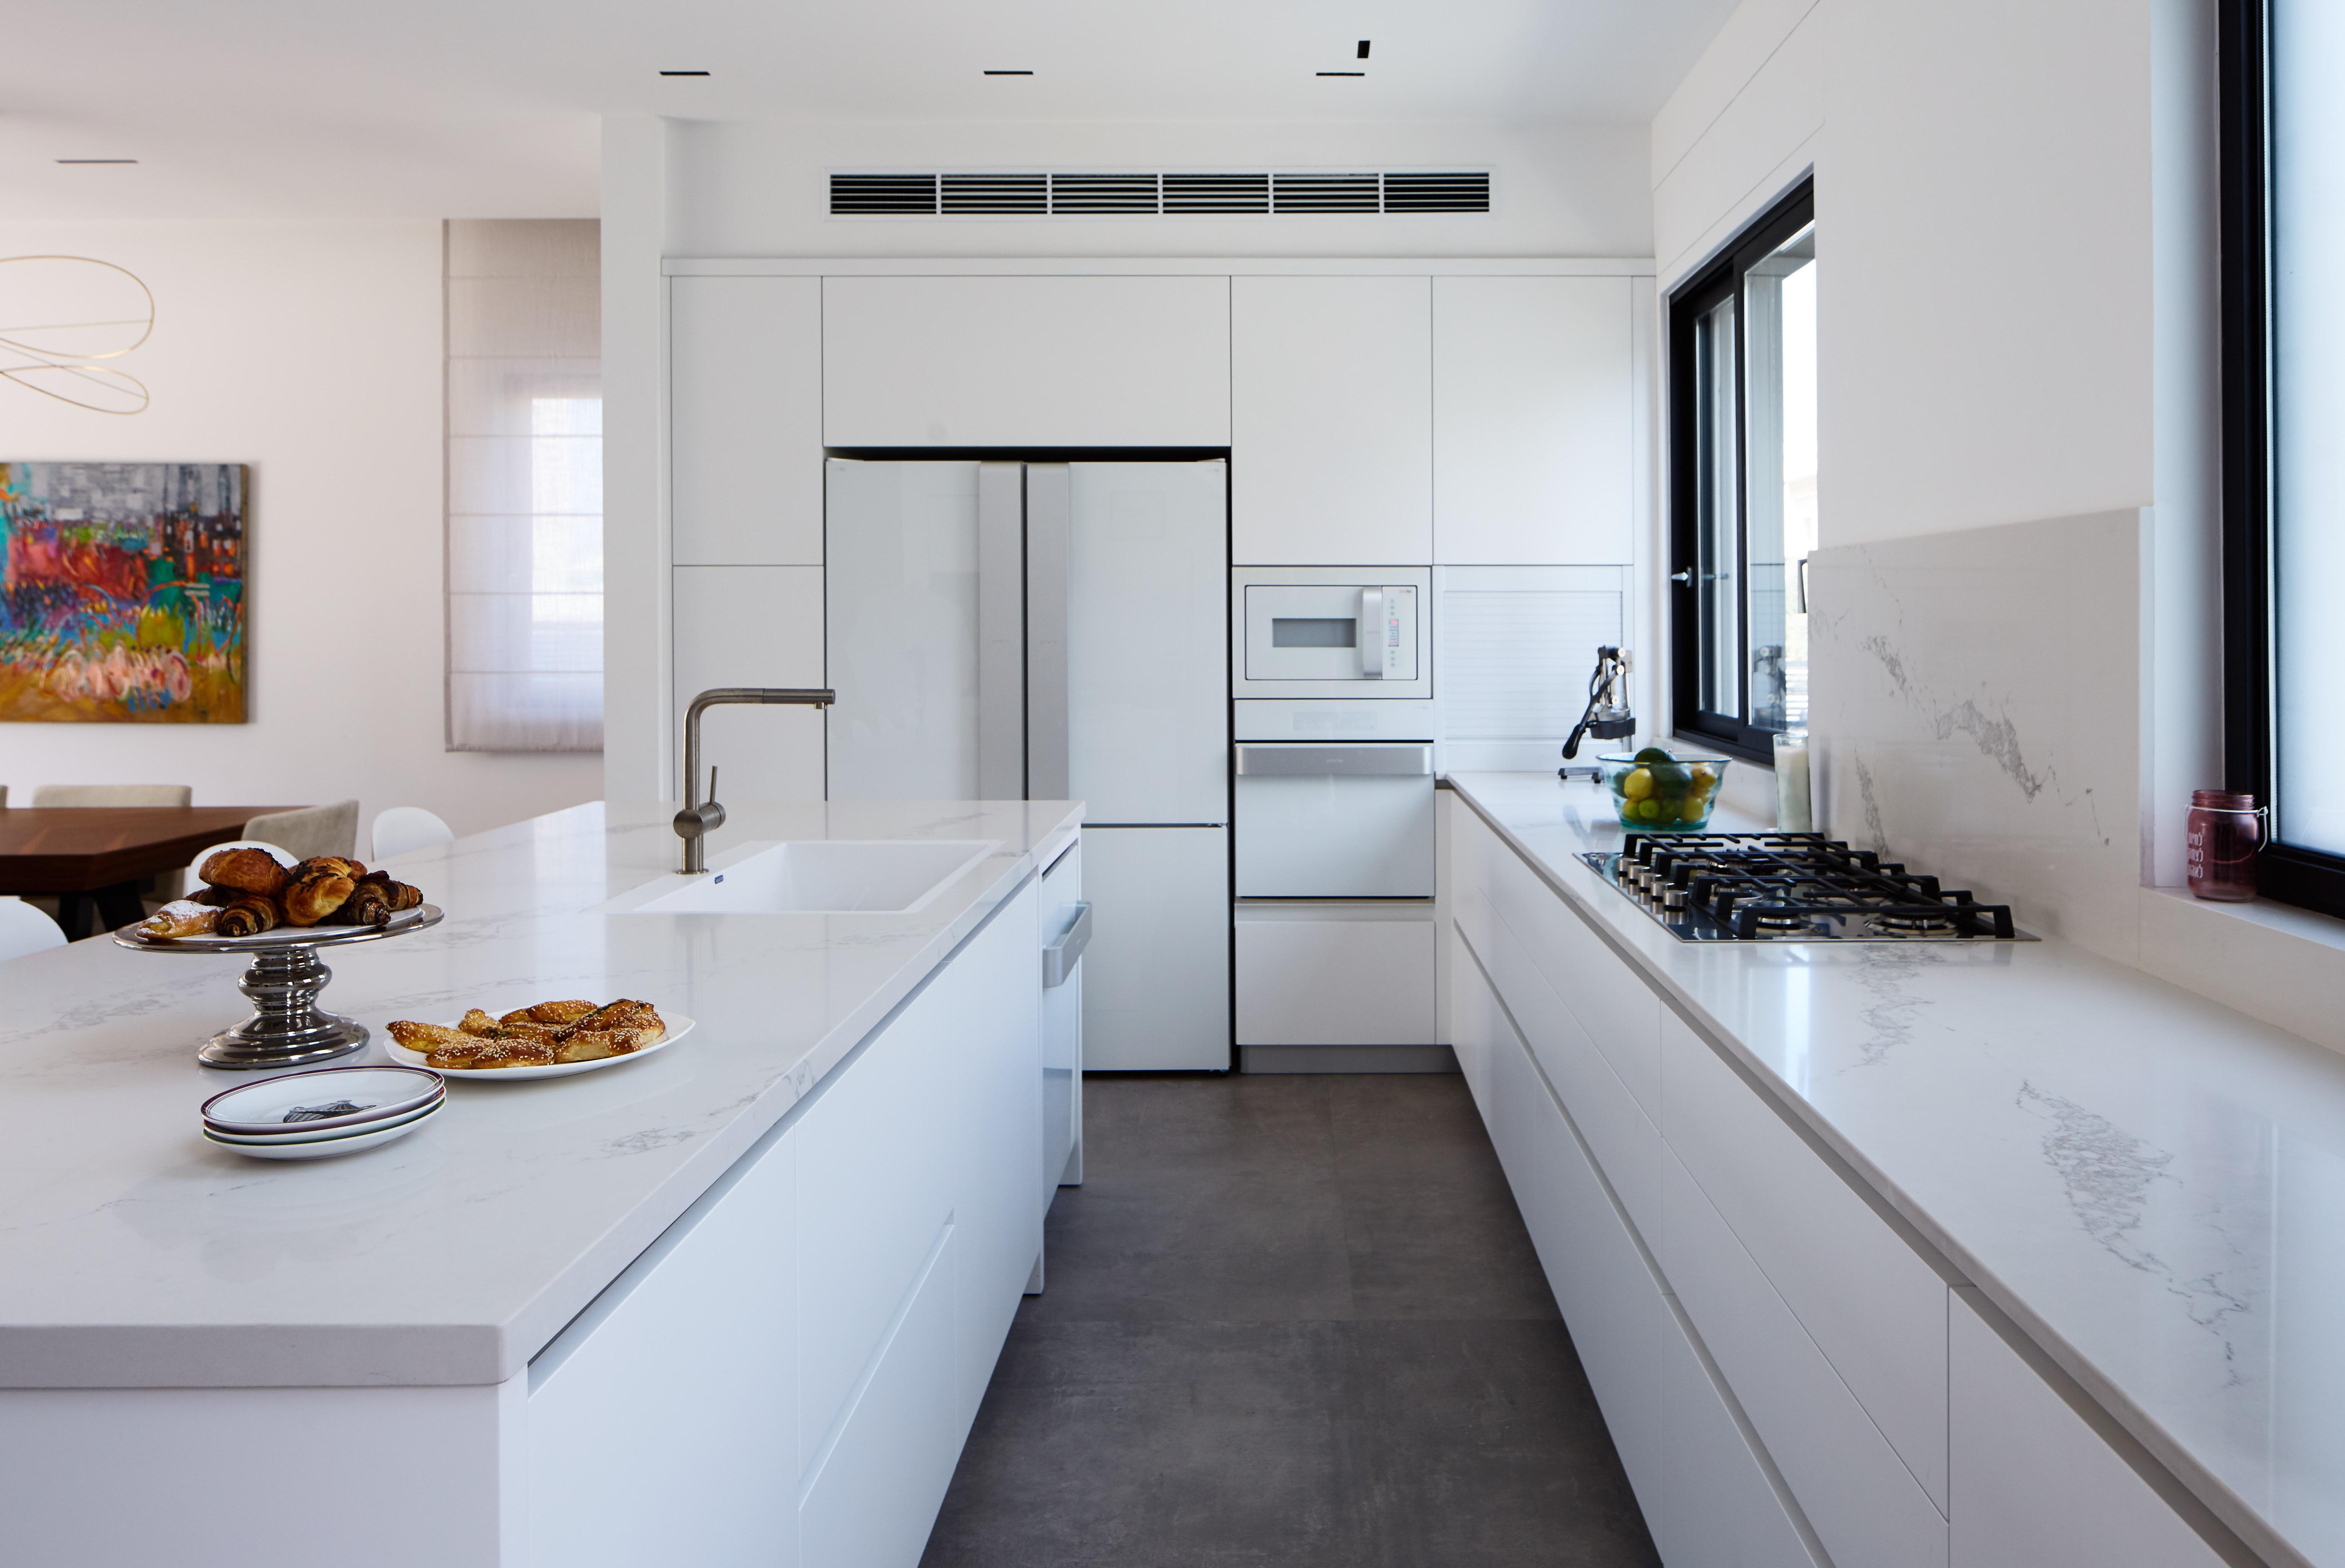 עיצוב המטבח – ענבל חן רב בריח